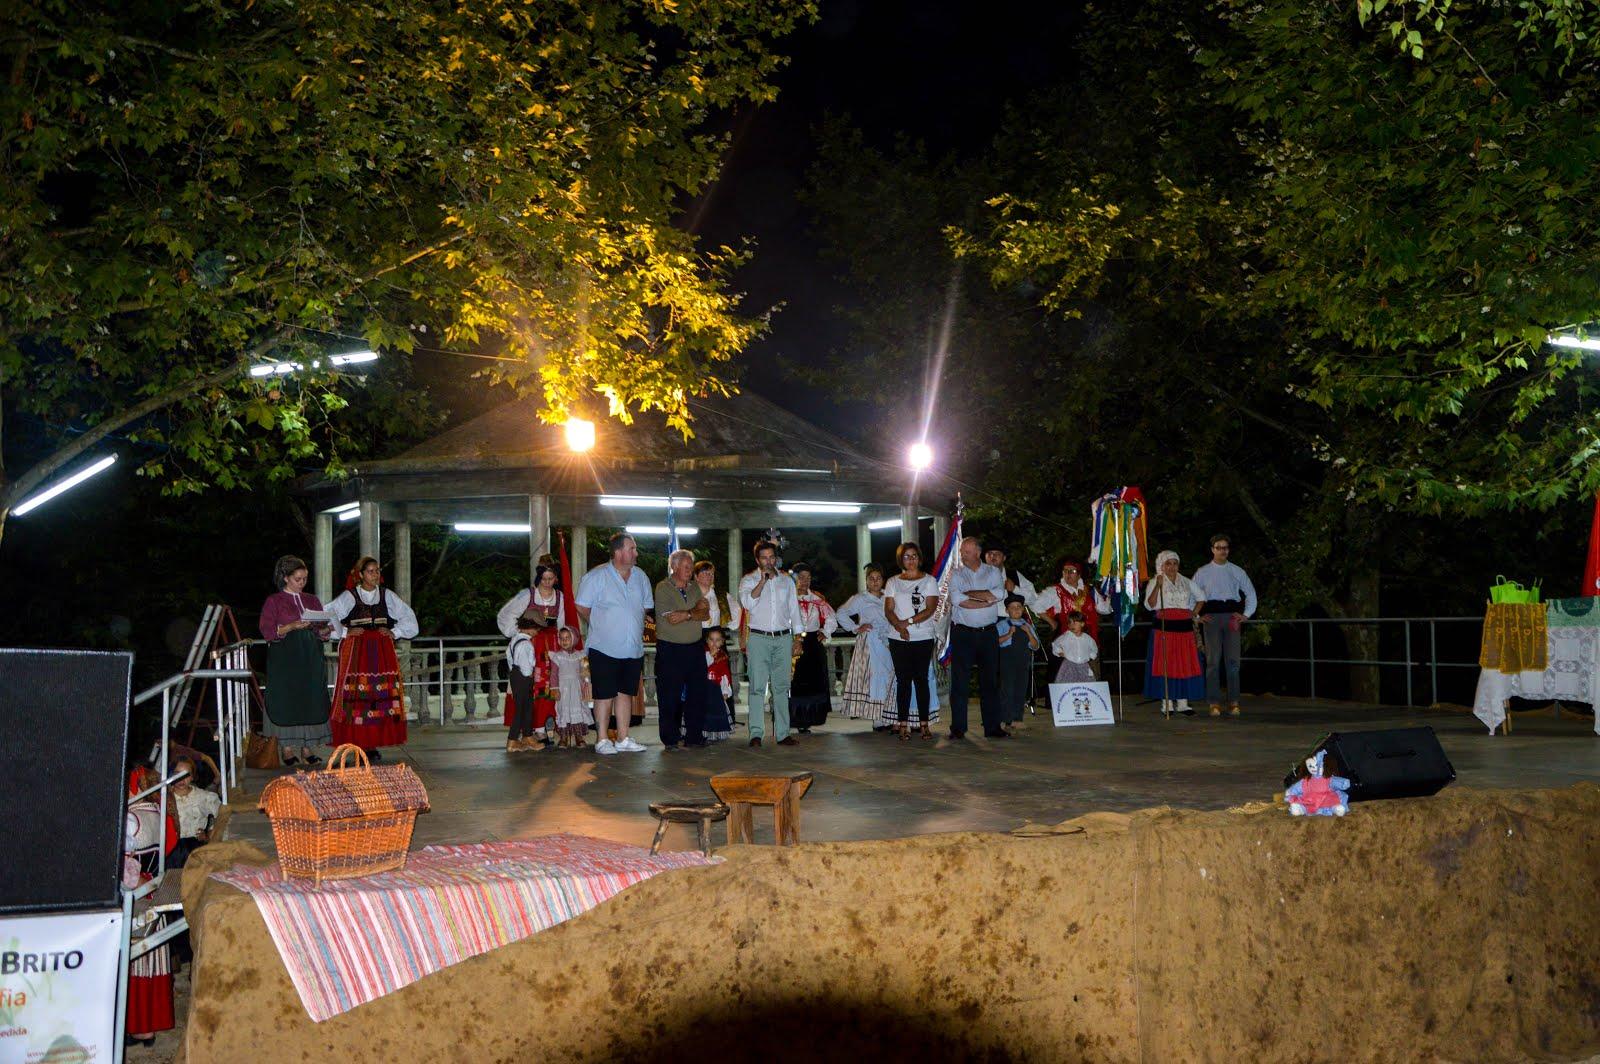 """Festival de Folclore """"Correlhã a Dançar"""""""